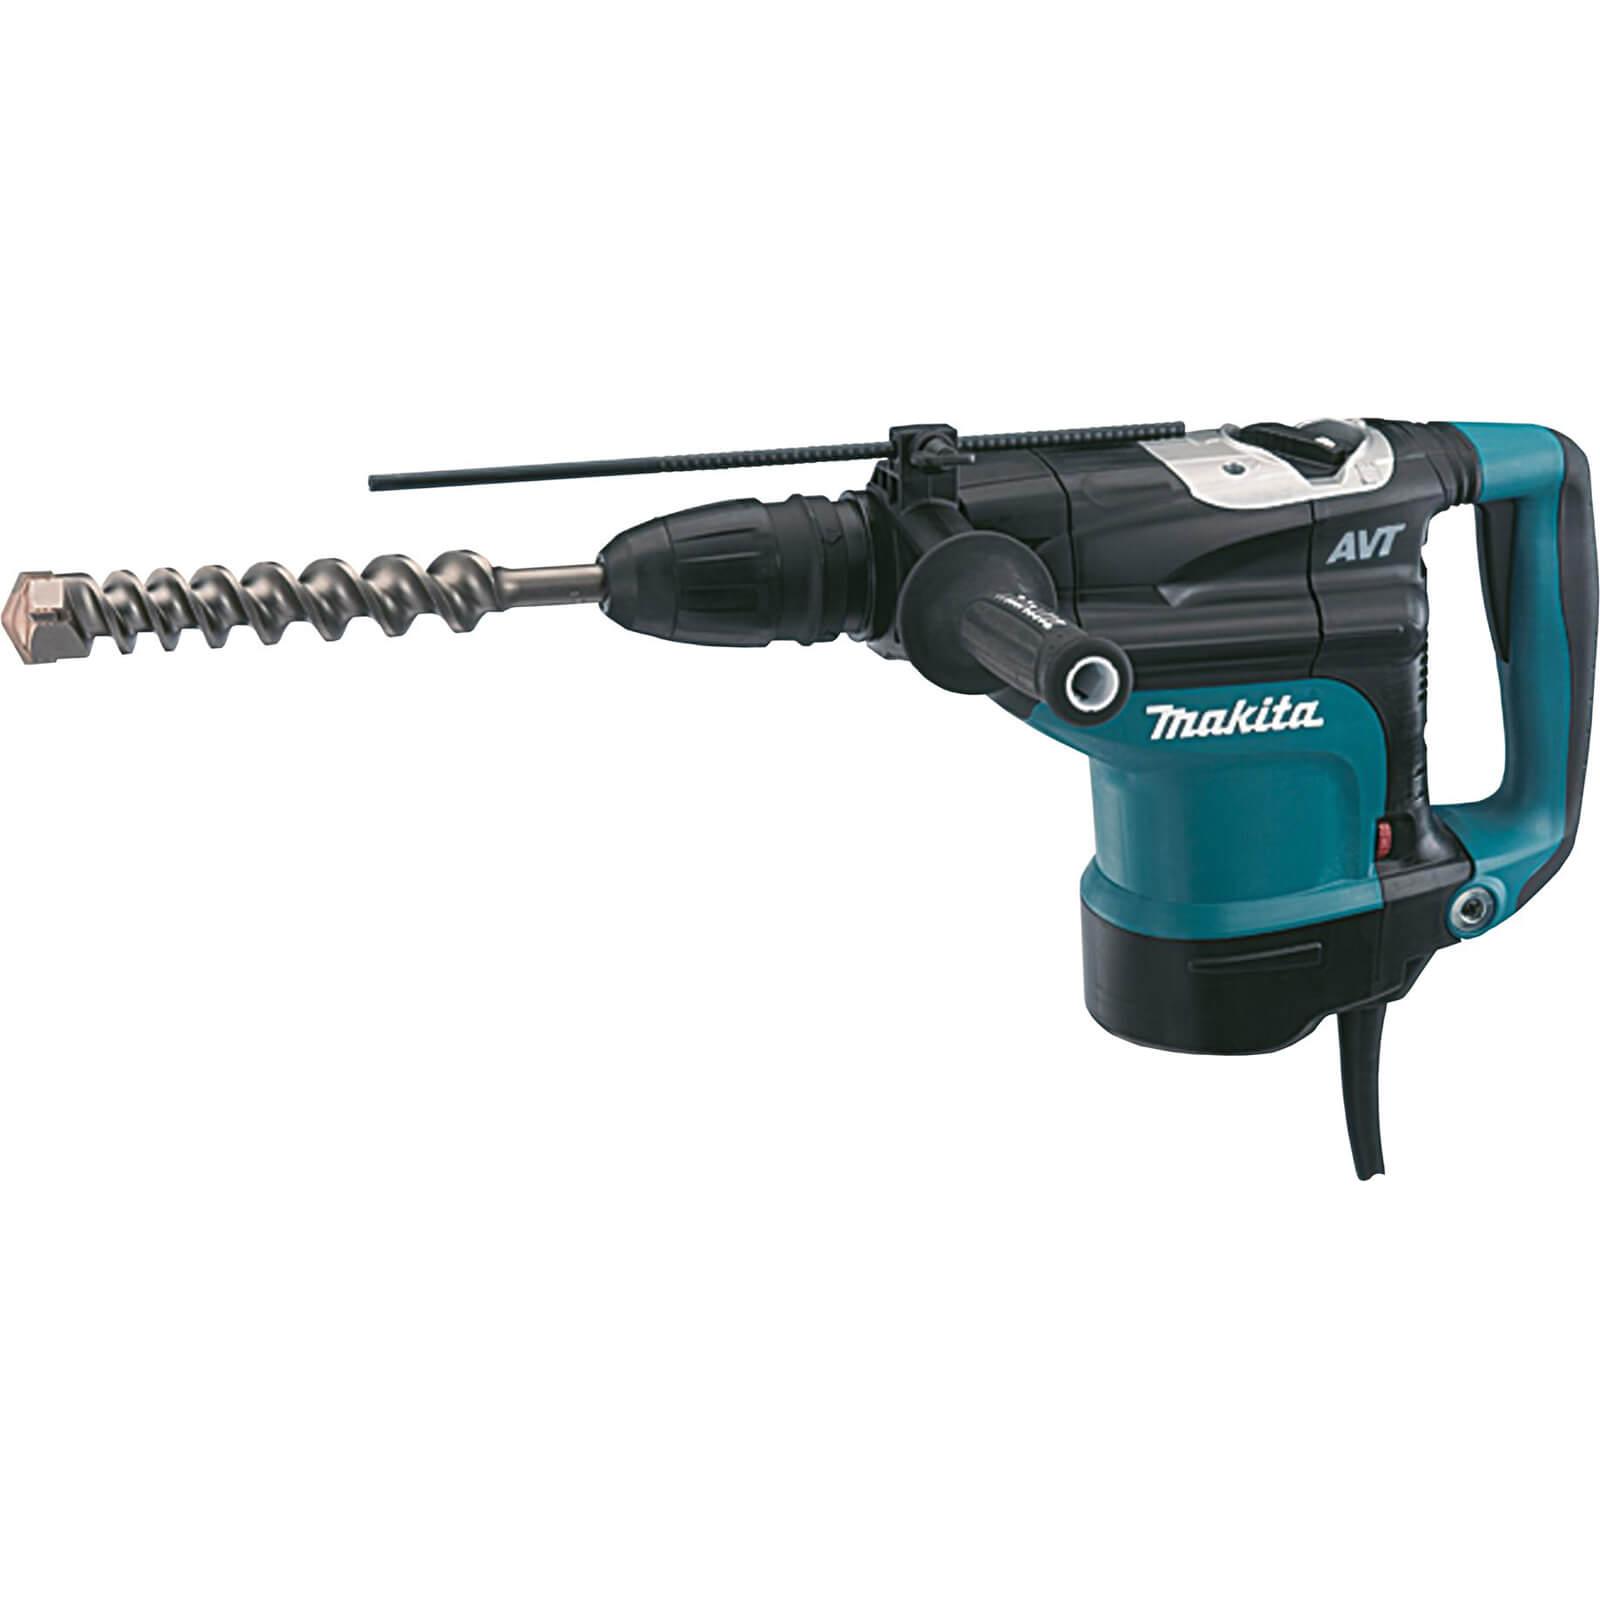 Makita HR4511C SDS Max AVT Rotary Demolition Hammer Drill 1350w 240v